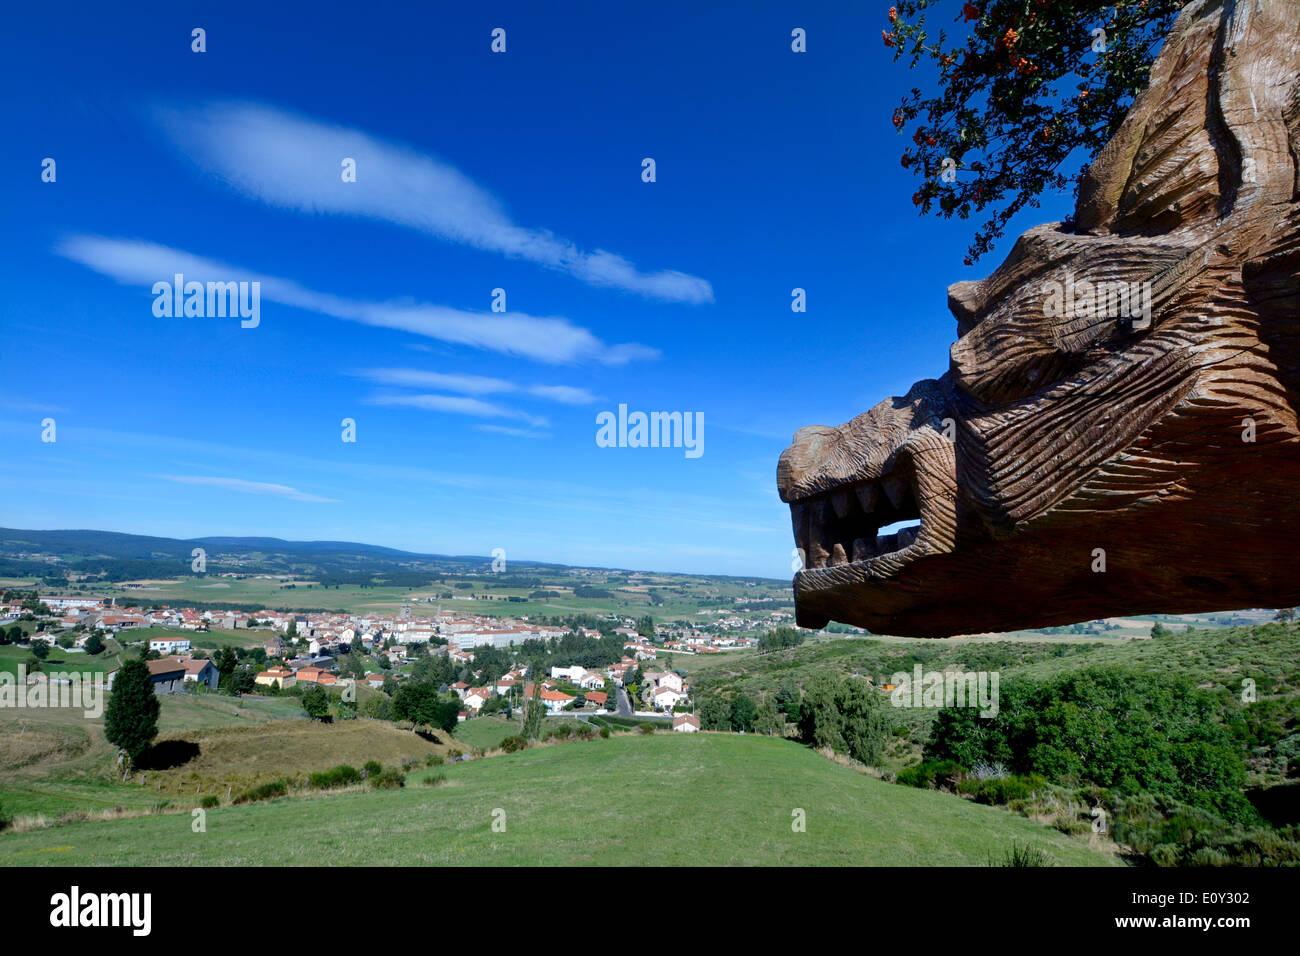 Sculpture of the Beast of Gévaudan, village of Saugues, Haute Loire, Auvergne, France - Stock Image